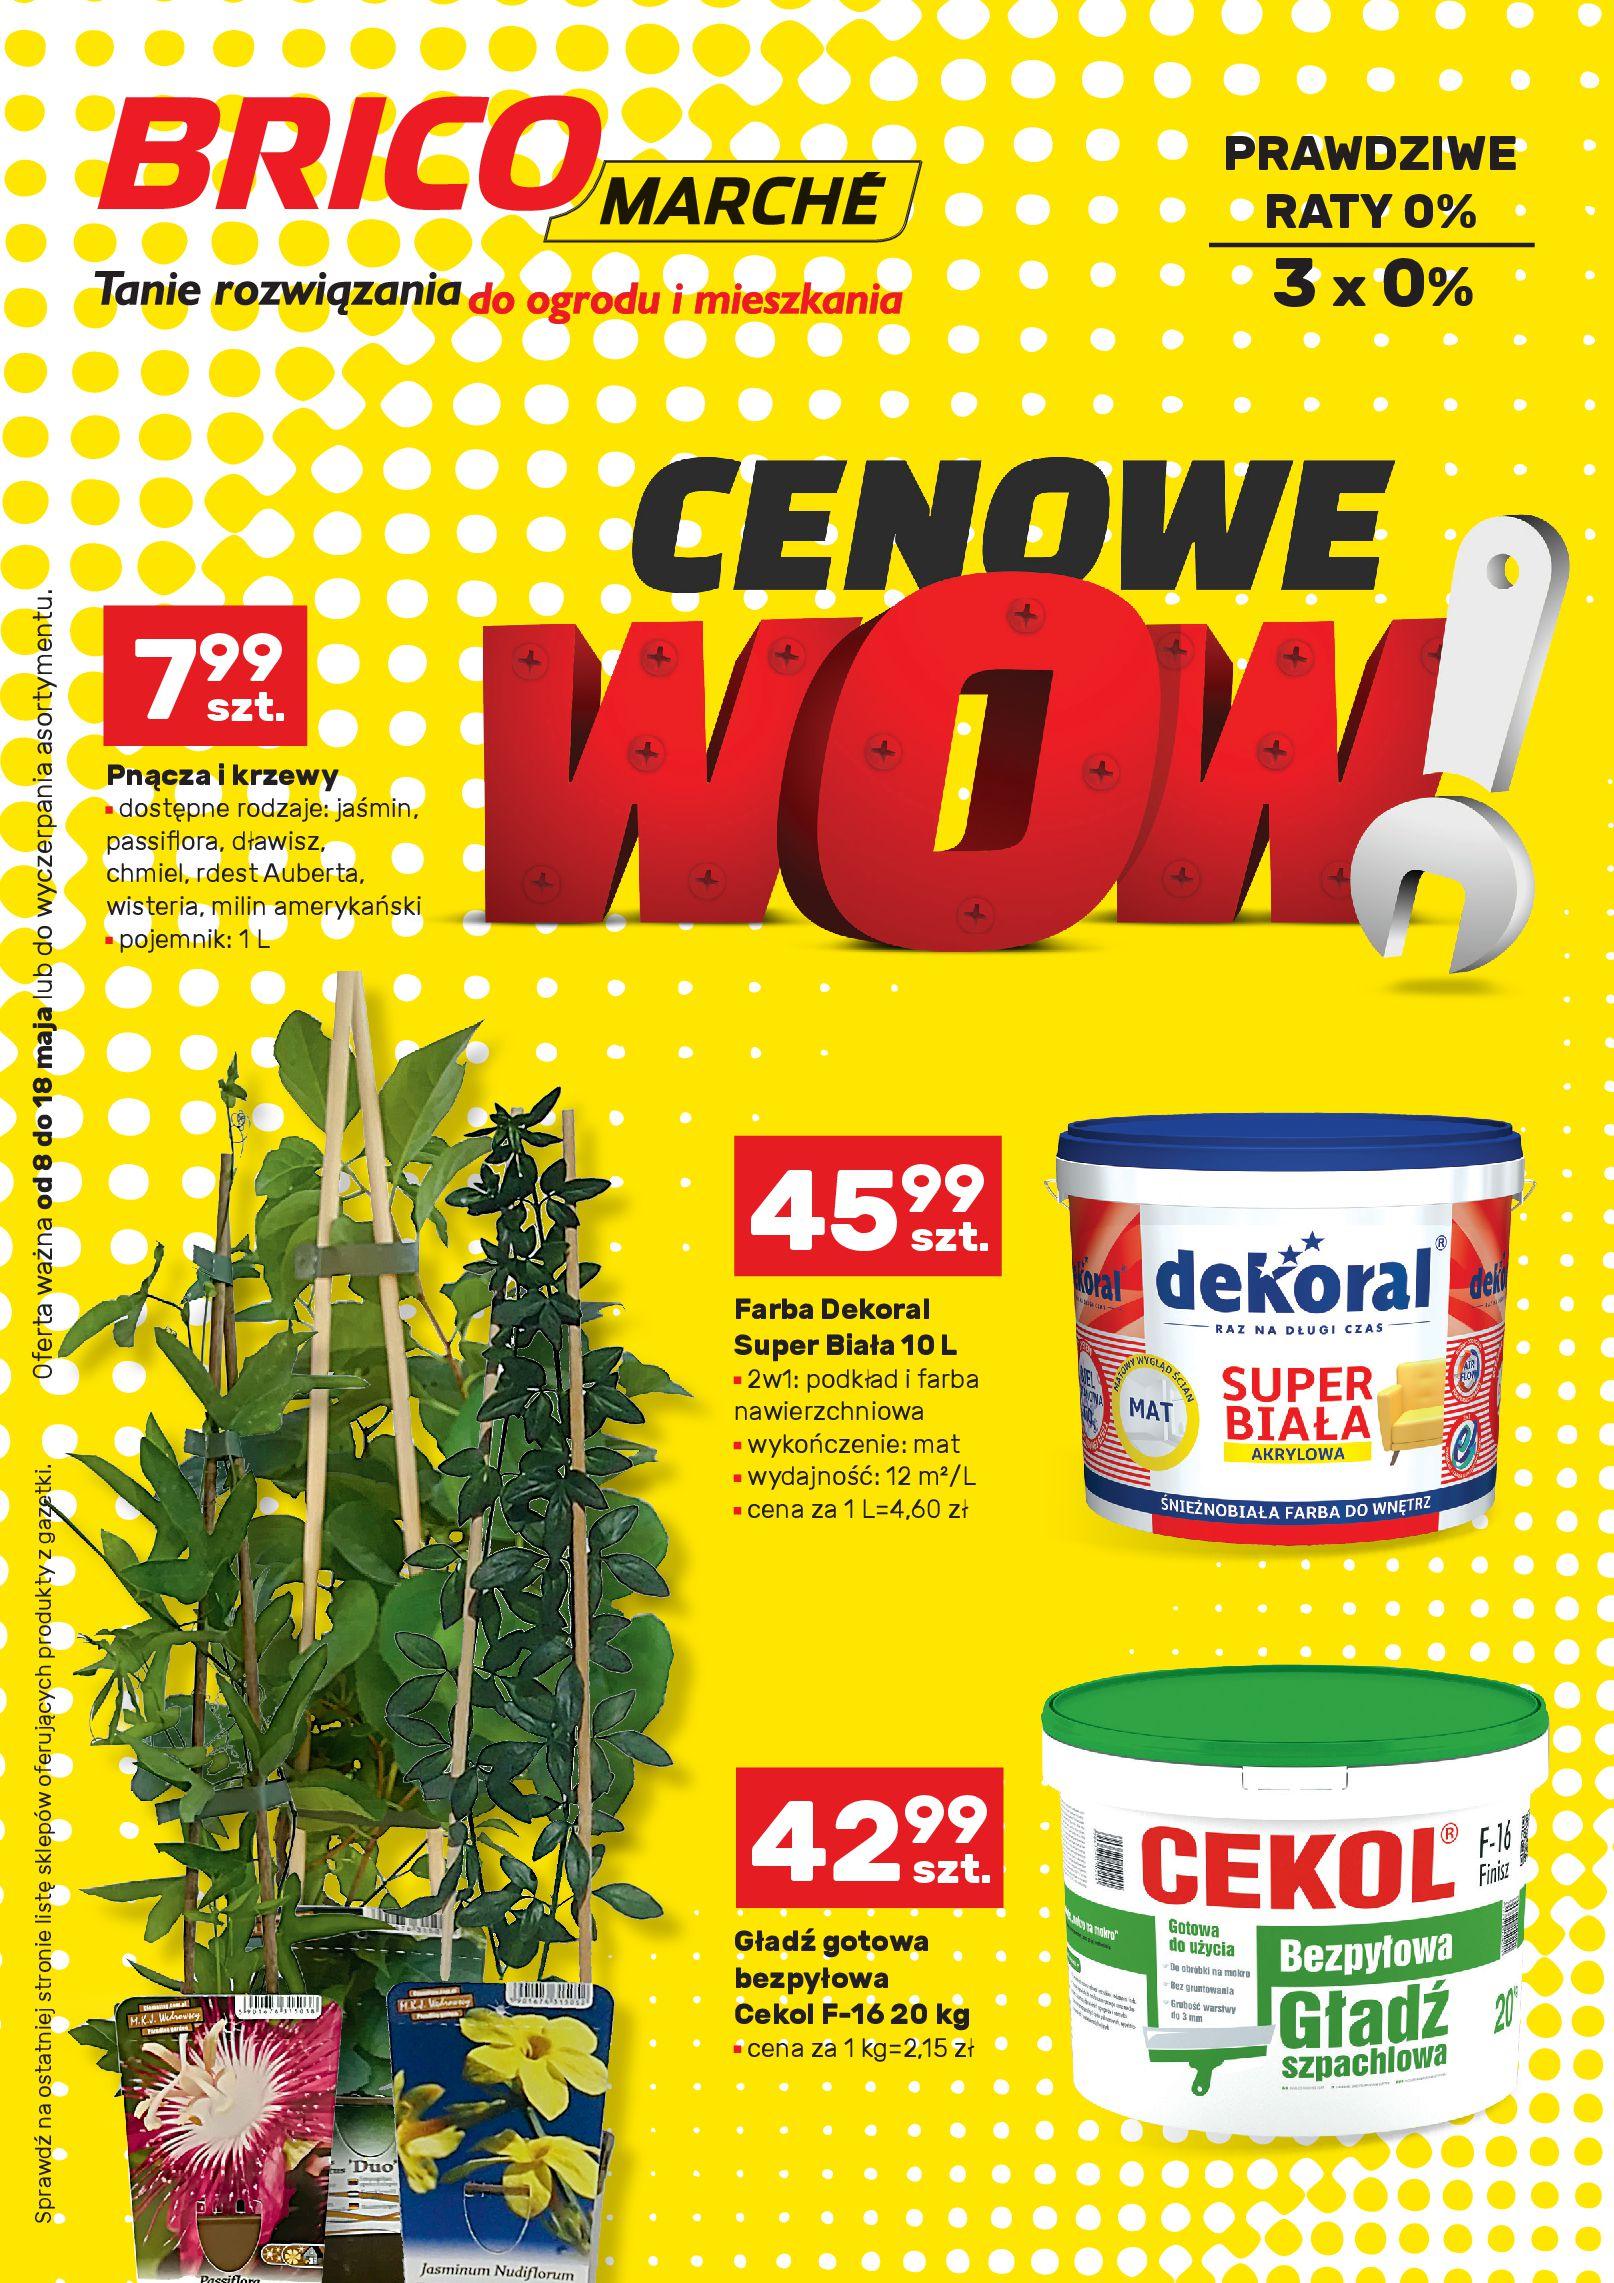 Gazetka Bricomarché - Cenowe WOW!-07.05.2019-18.05.2019-page-